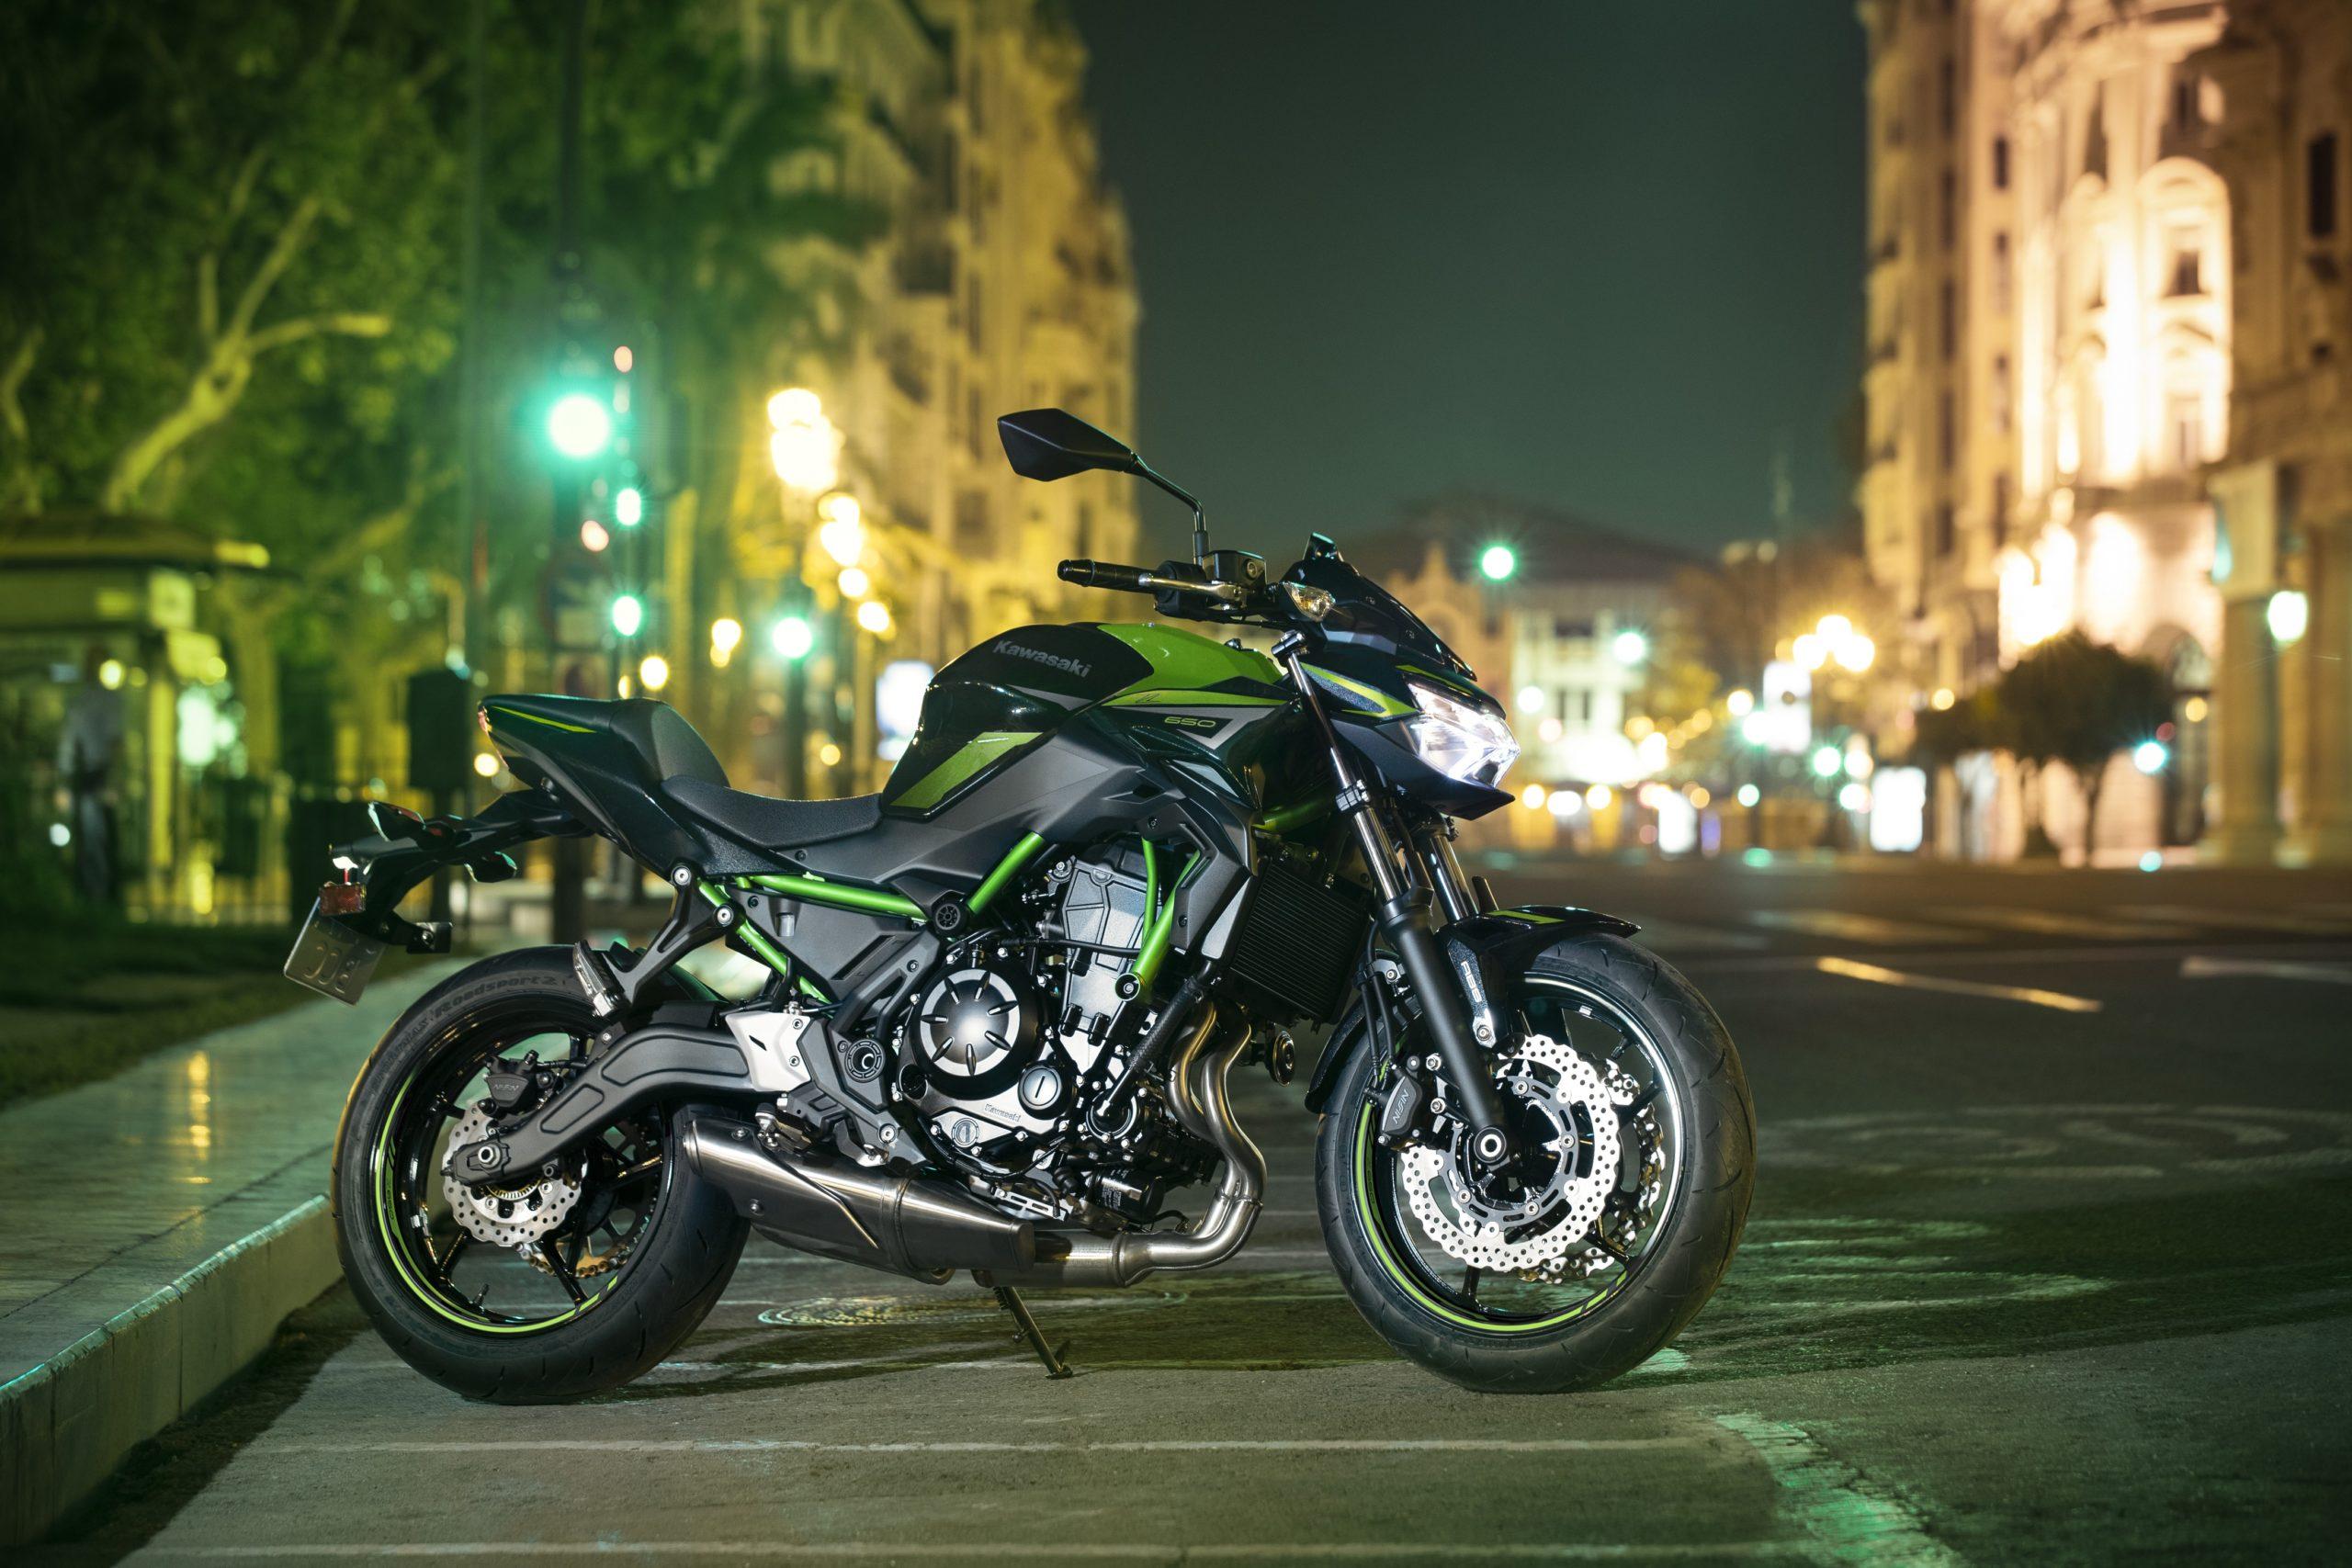 Z650 2022 Kawasaki